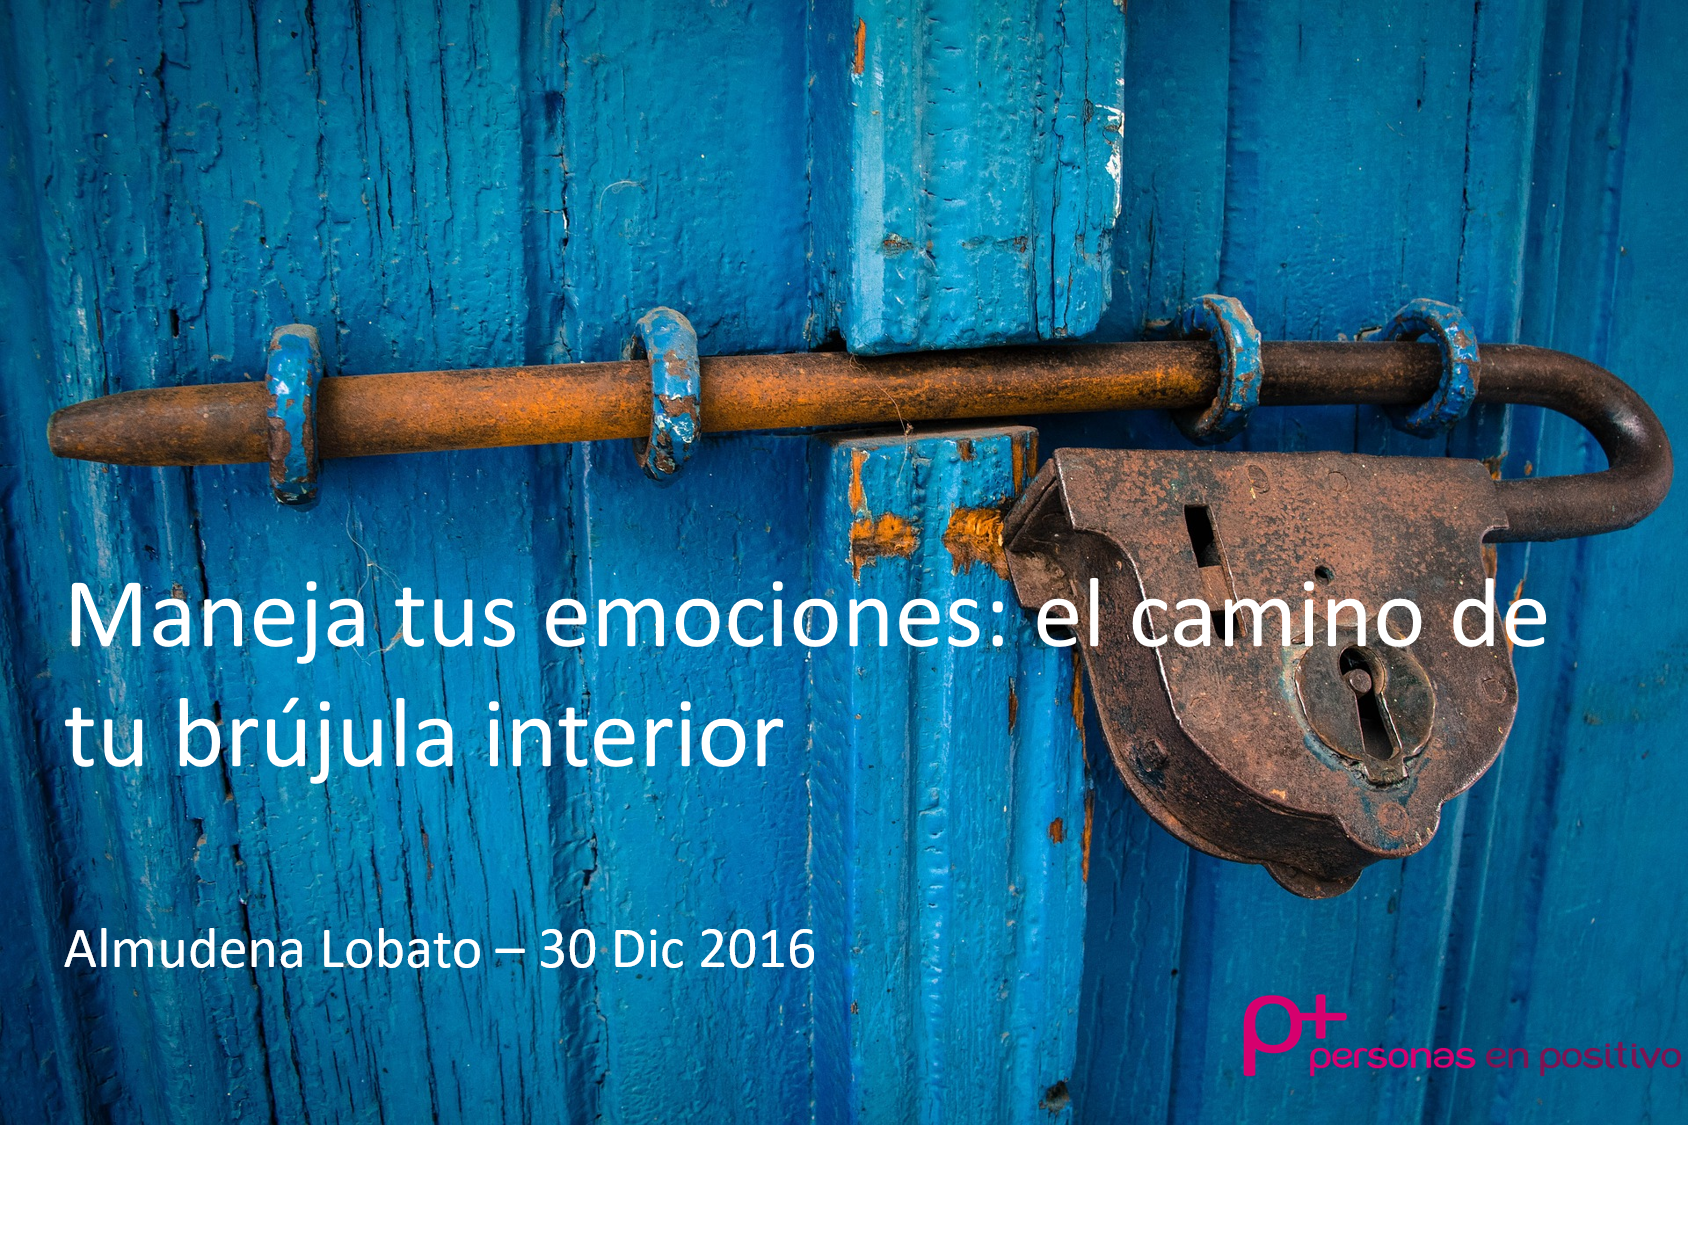 Maneja tus Emociones: El camino de tu brújula interior